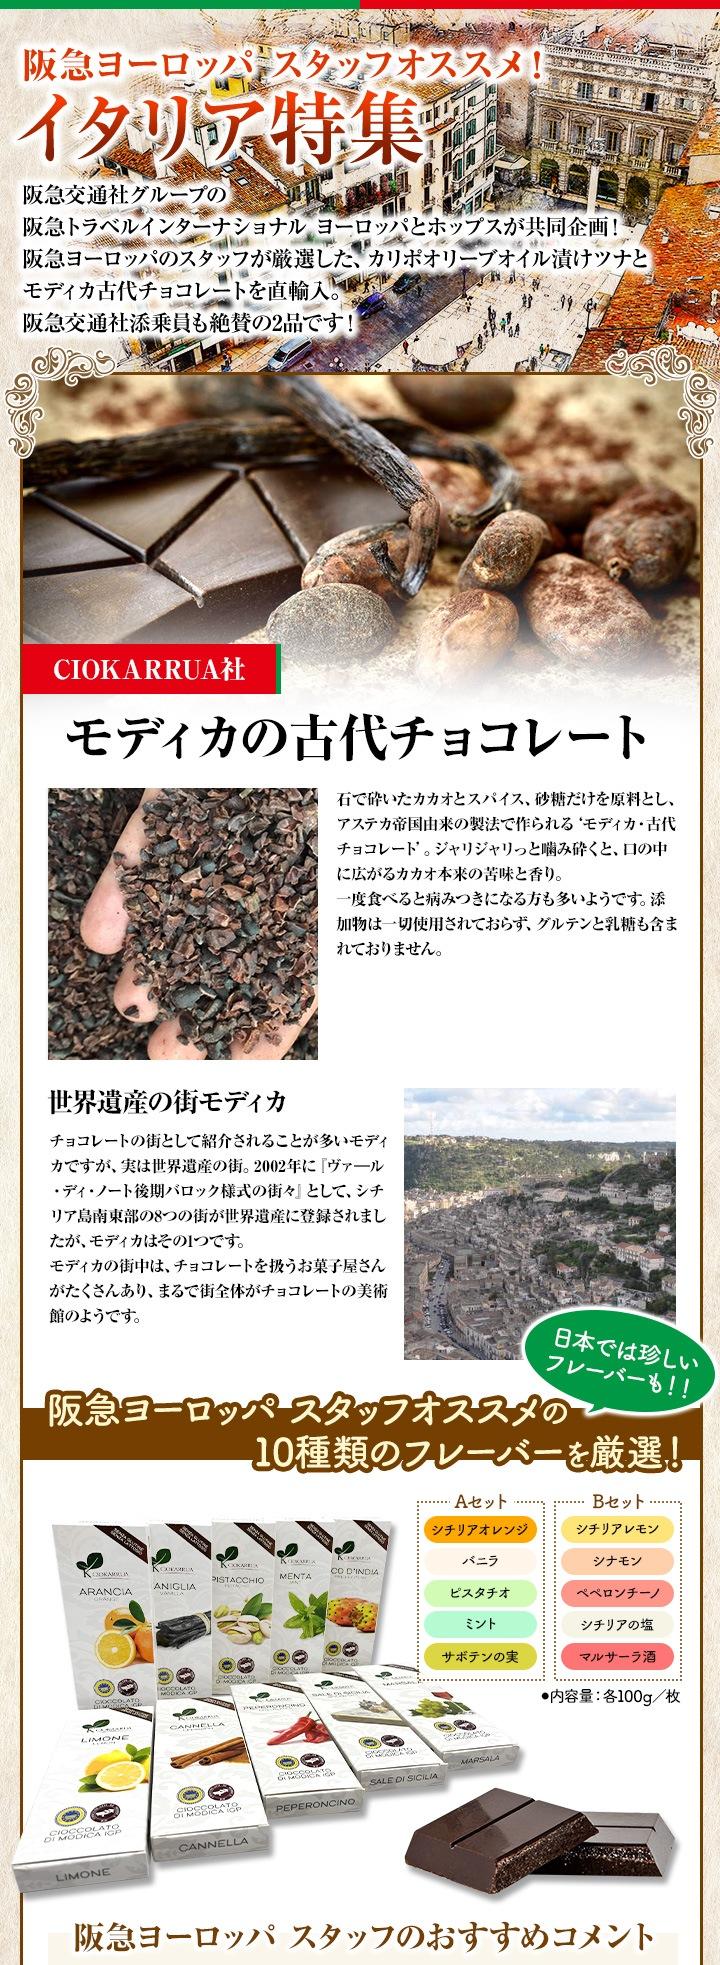 【阪急ヨーロッパ スタッフオススメ!】モディカ 古代チョコレート